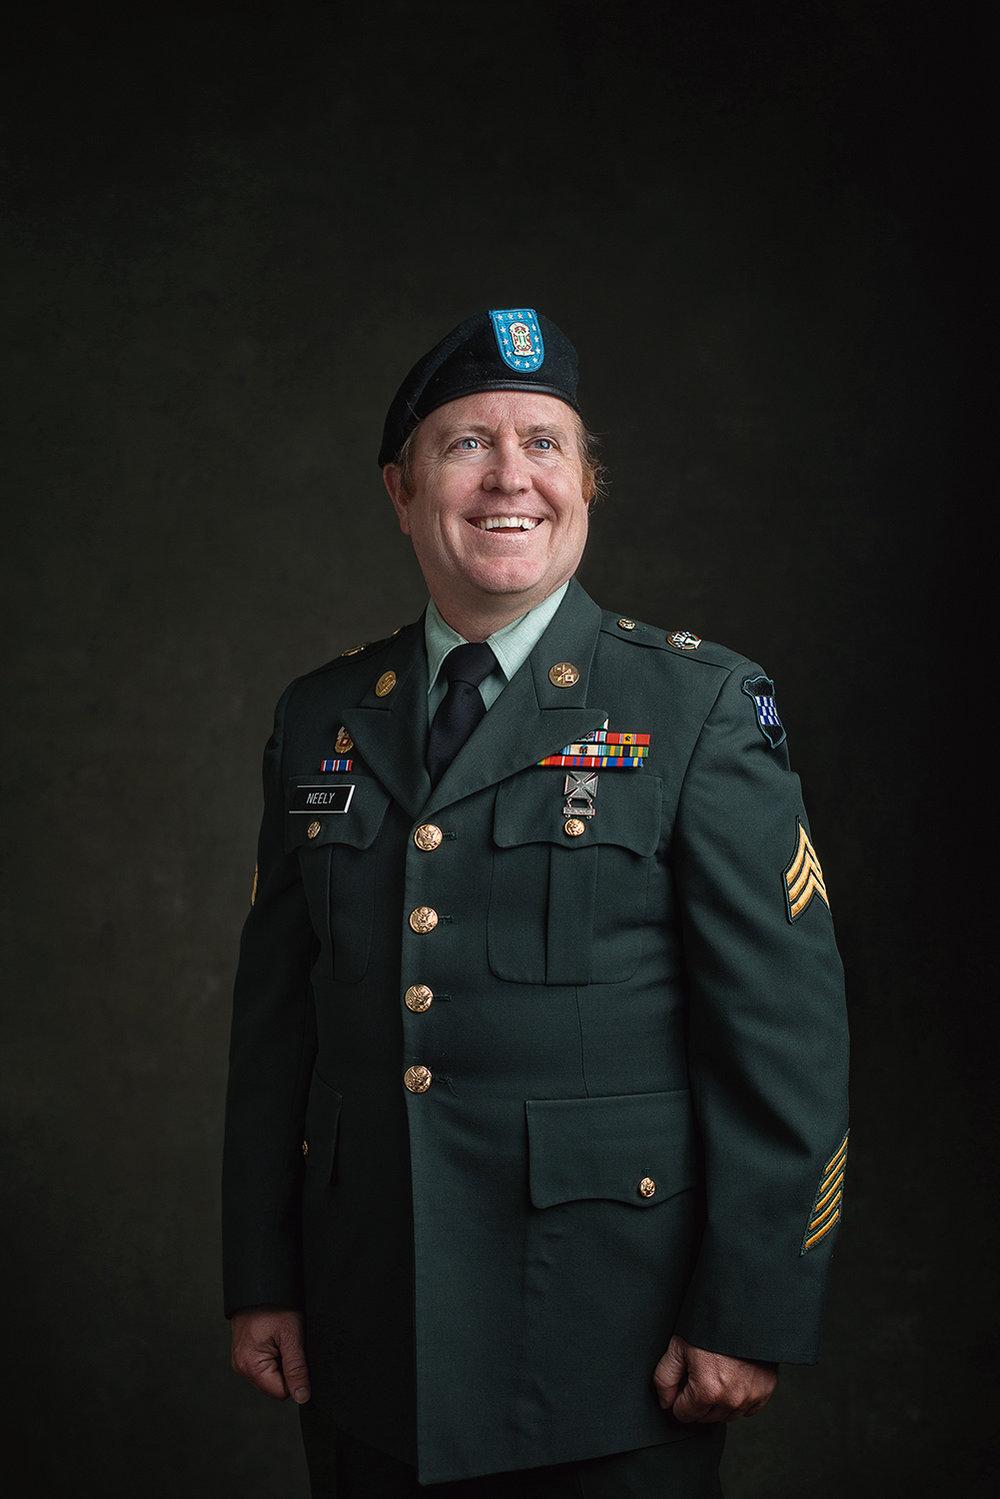 Sergeant David C. Neely